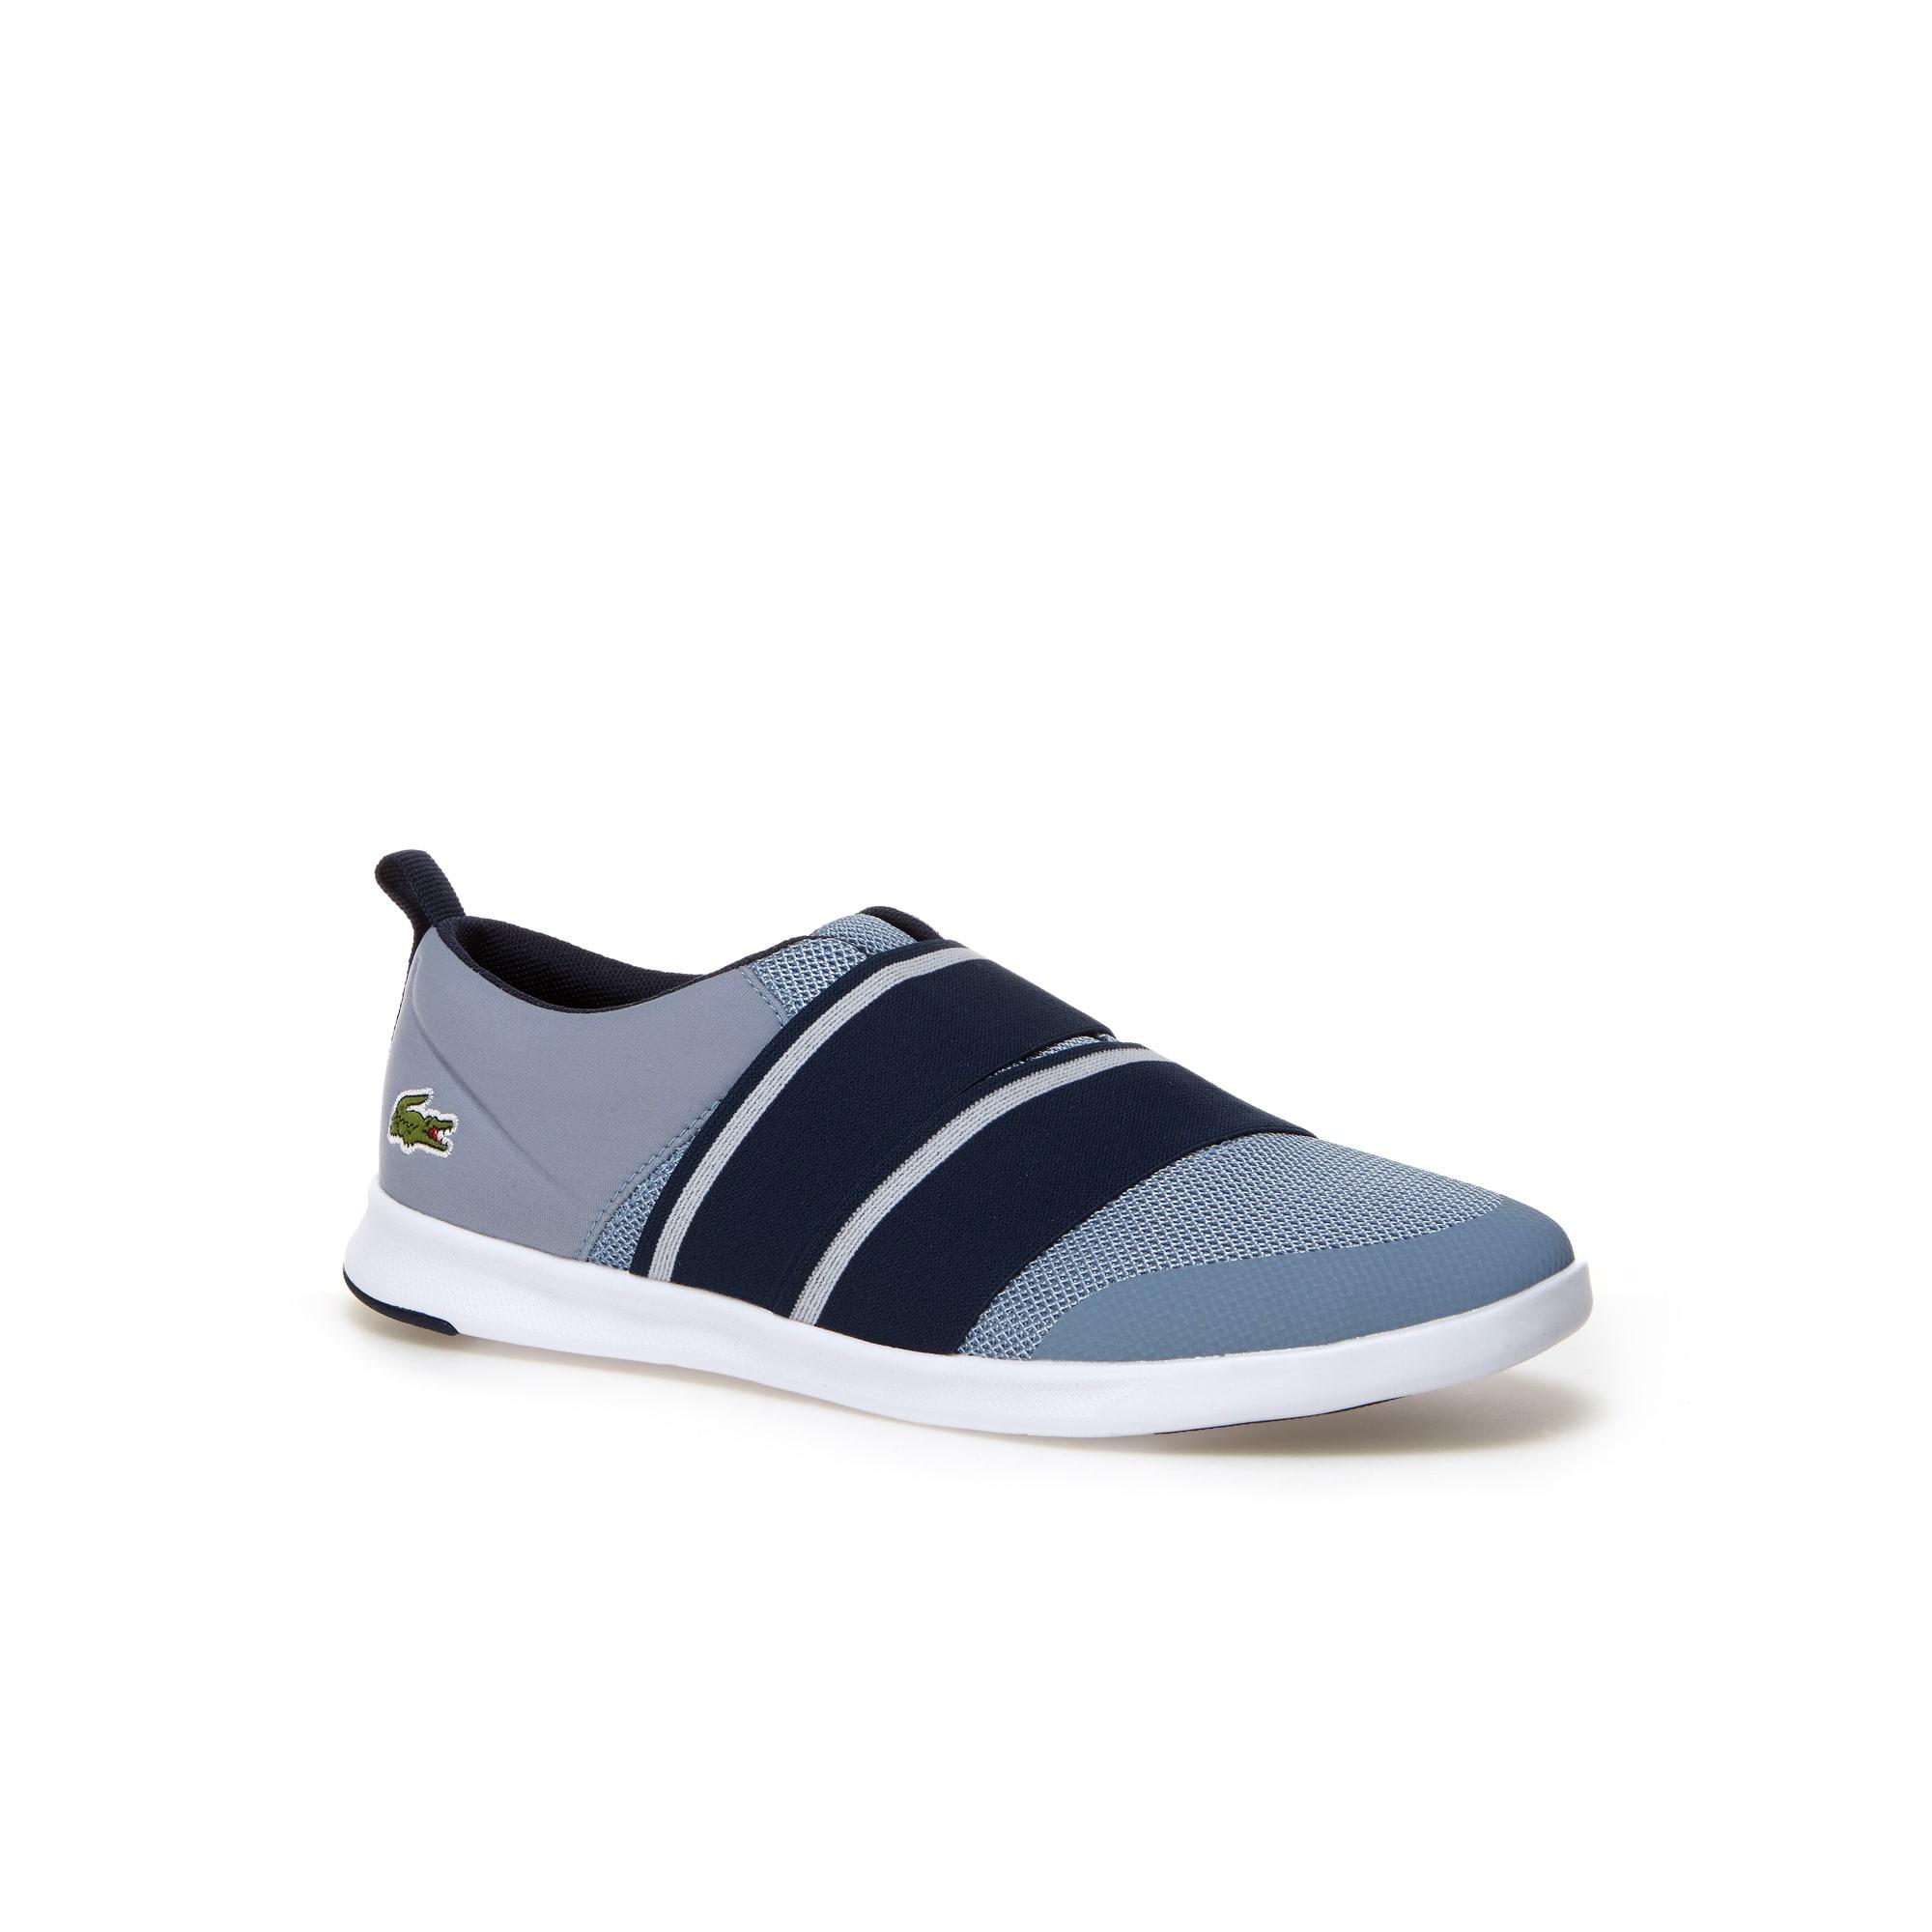 حذاء Avenir Slip الجلد سهل الارتداء للنساء